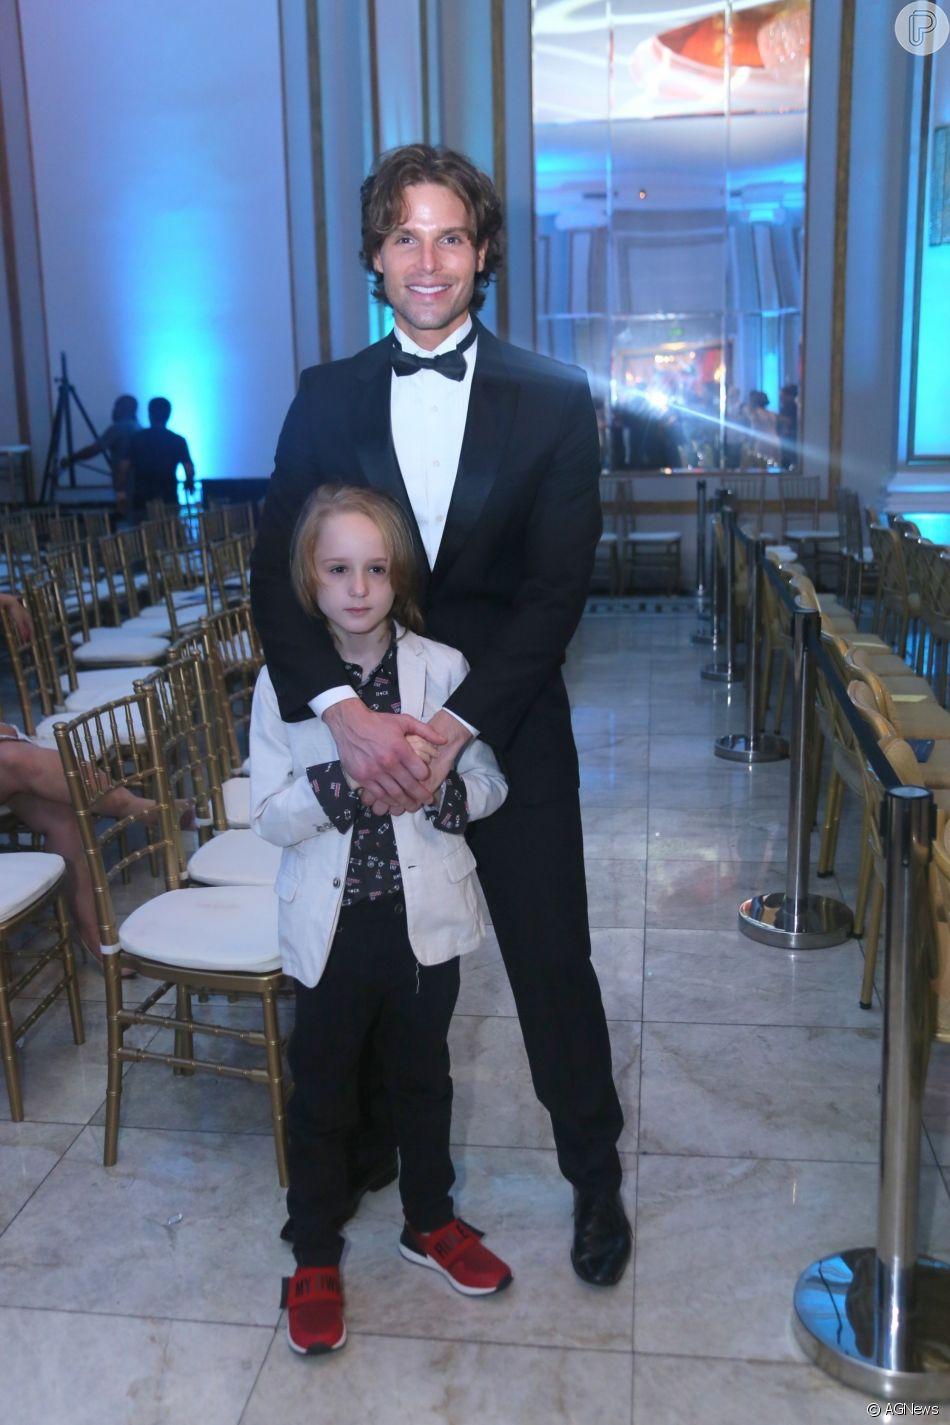 Jonatas Faro leva o filho, Guy, de sete anos, ao prêmio  Cesgranrio de Teatro, no Belmond Copacabana Palace, no Rio de Janeiro, nesta segunda-feira, 21 de janeiro de 2019